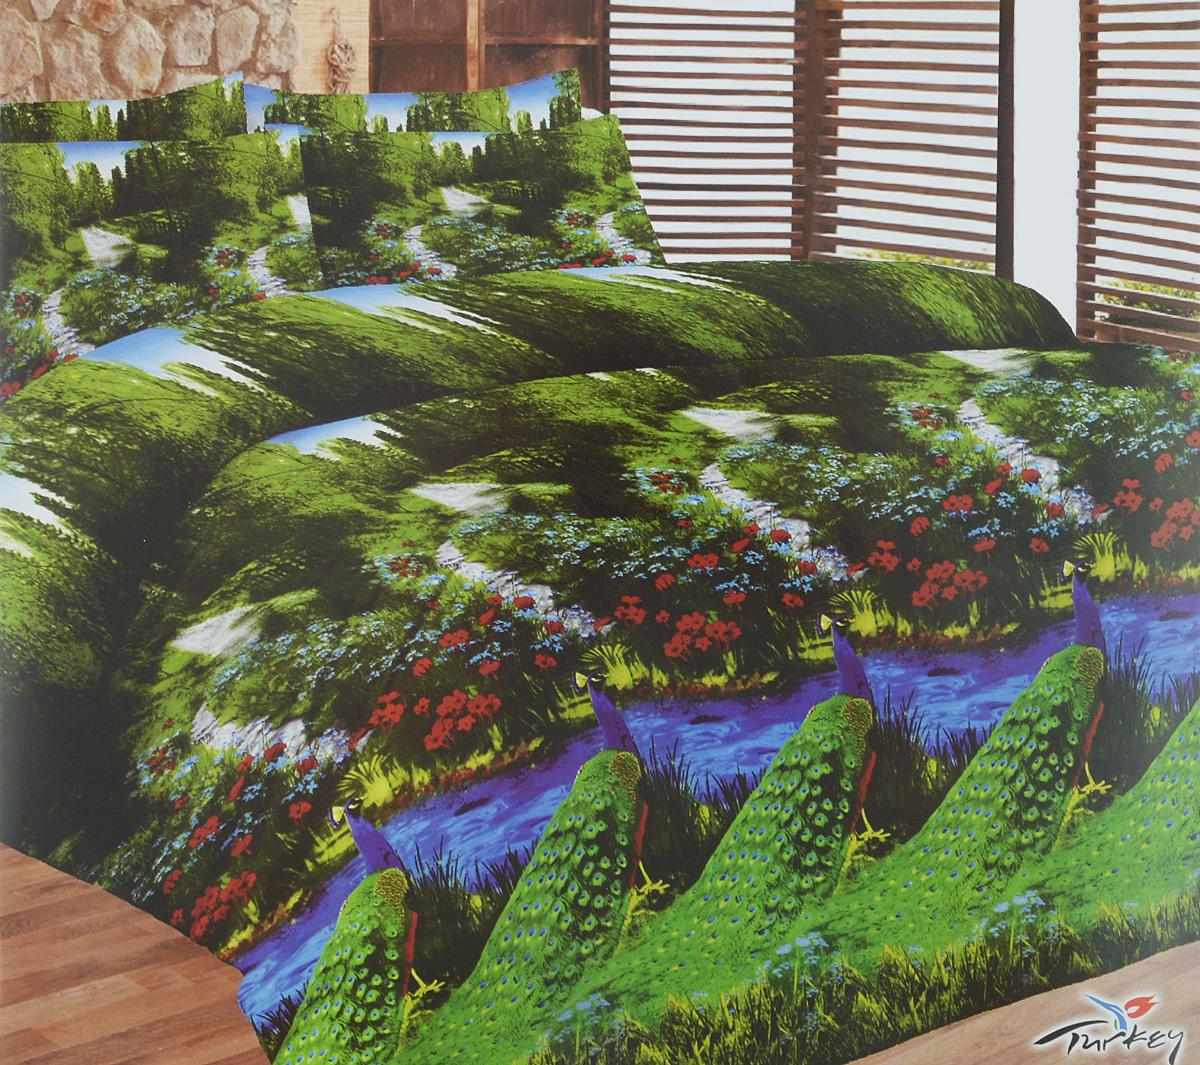 Комплект белья Liya Home Collection Павлин, семейный, наволочки 70x70 комплект белья liya home collection виктория семейный наволочки 70x70